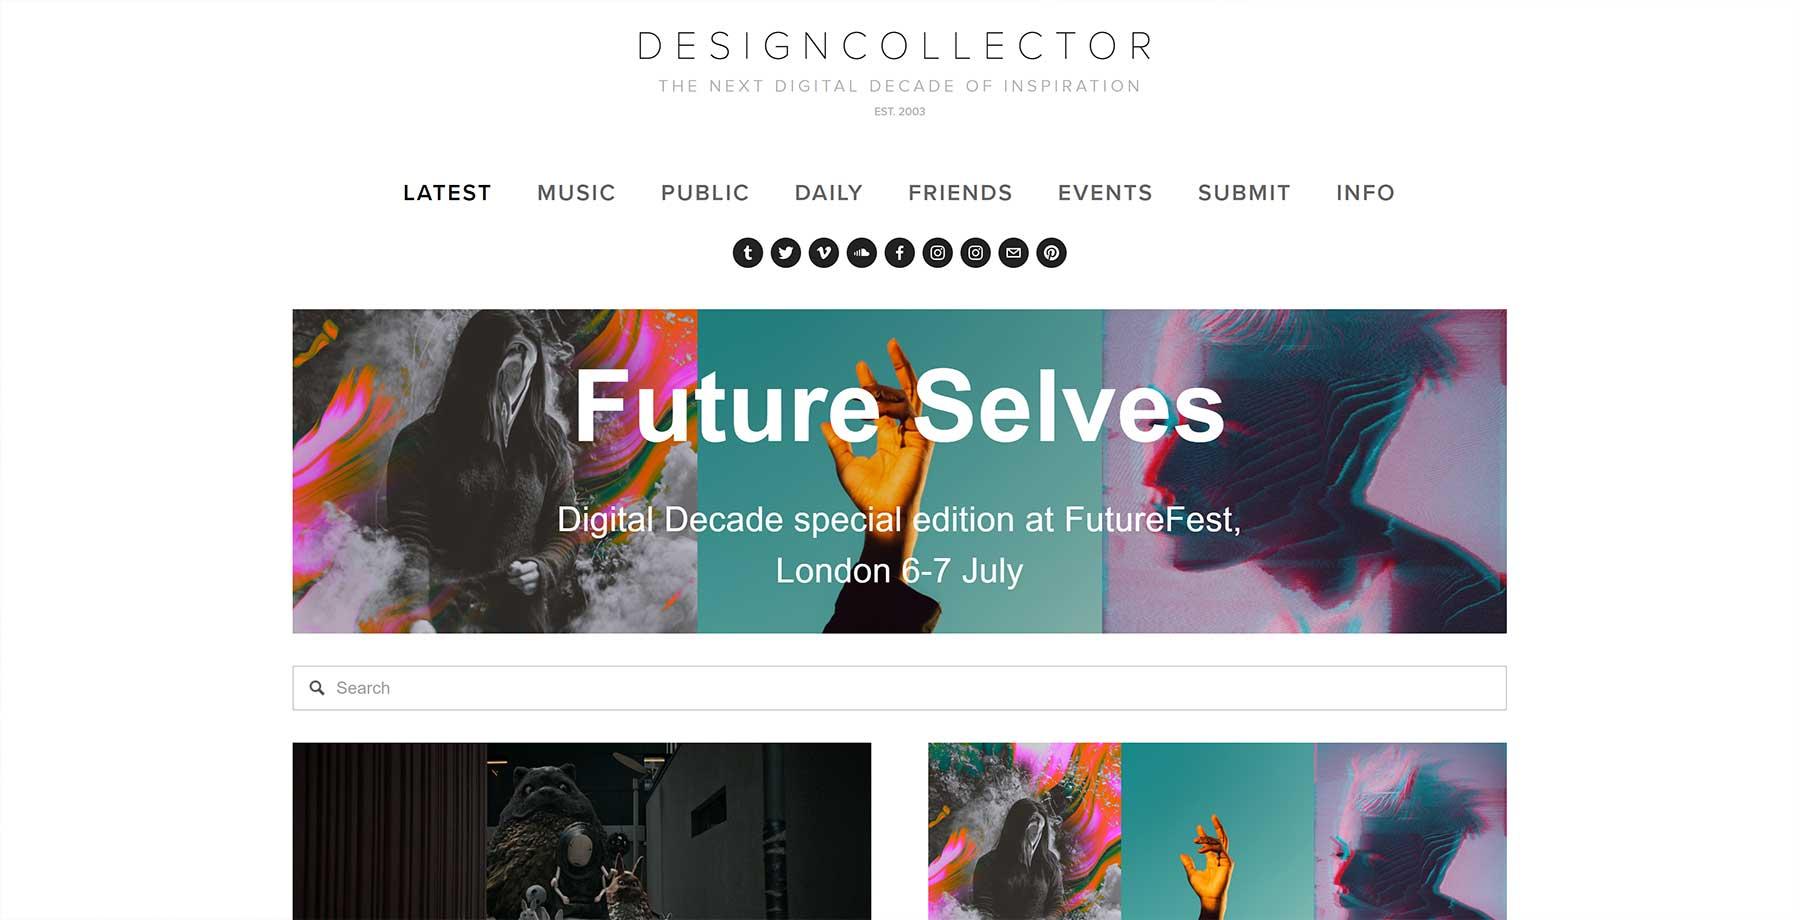 #WirliebenBlogs: Diese Websites solltet ihr euch mal anschauen WirliebenBlogs_06_Designcollector